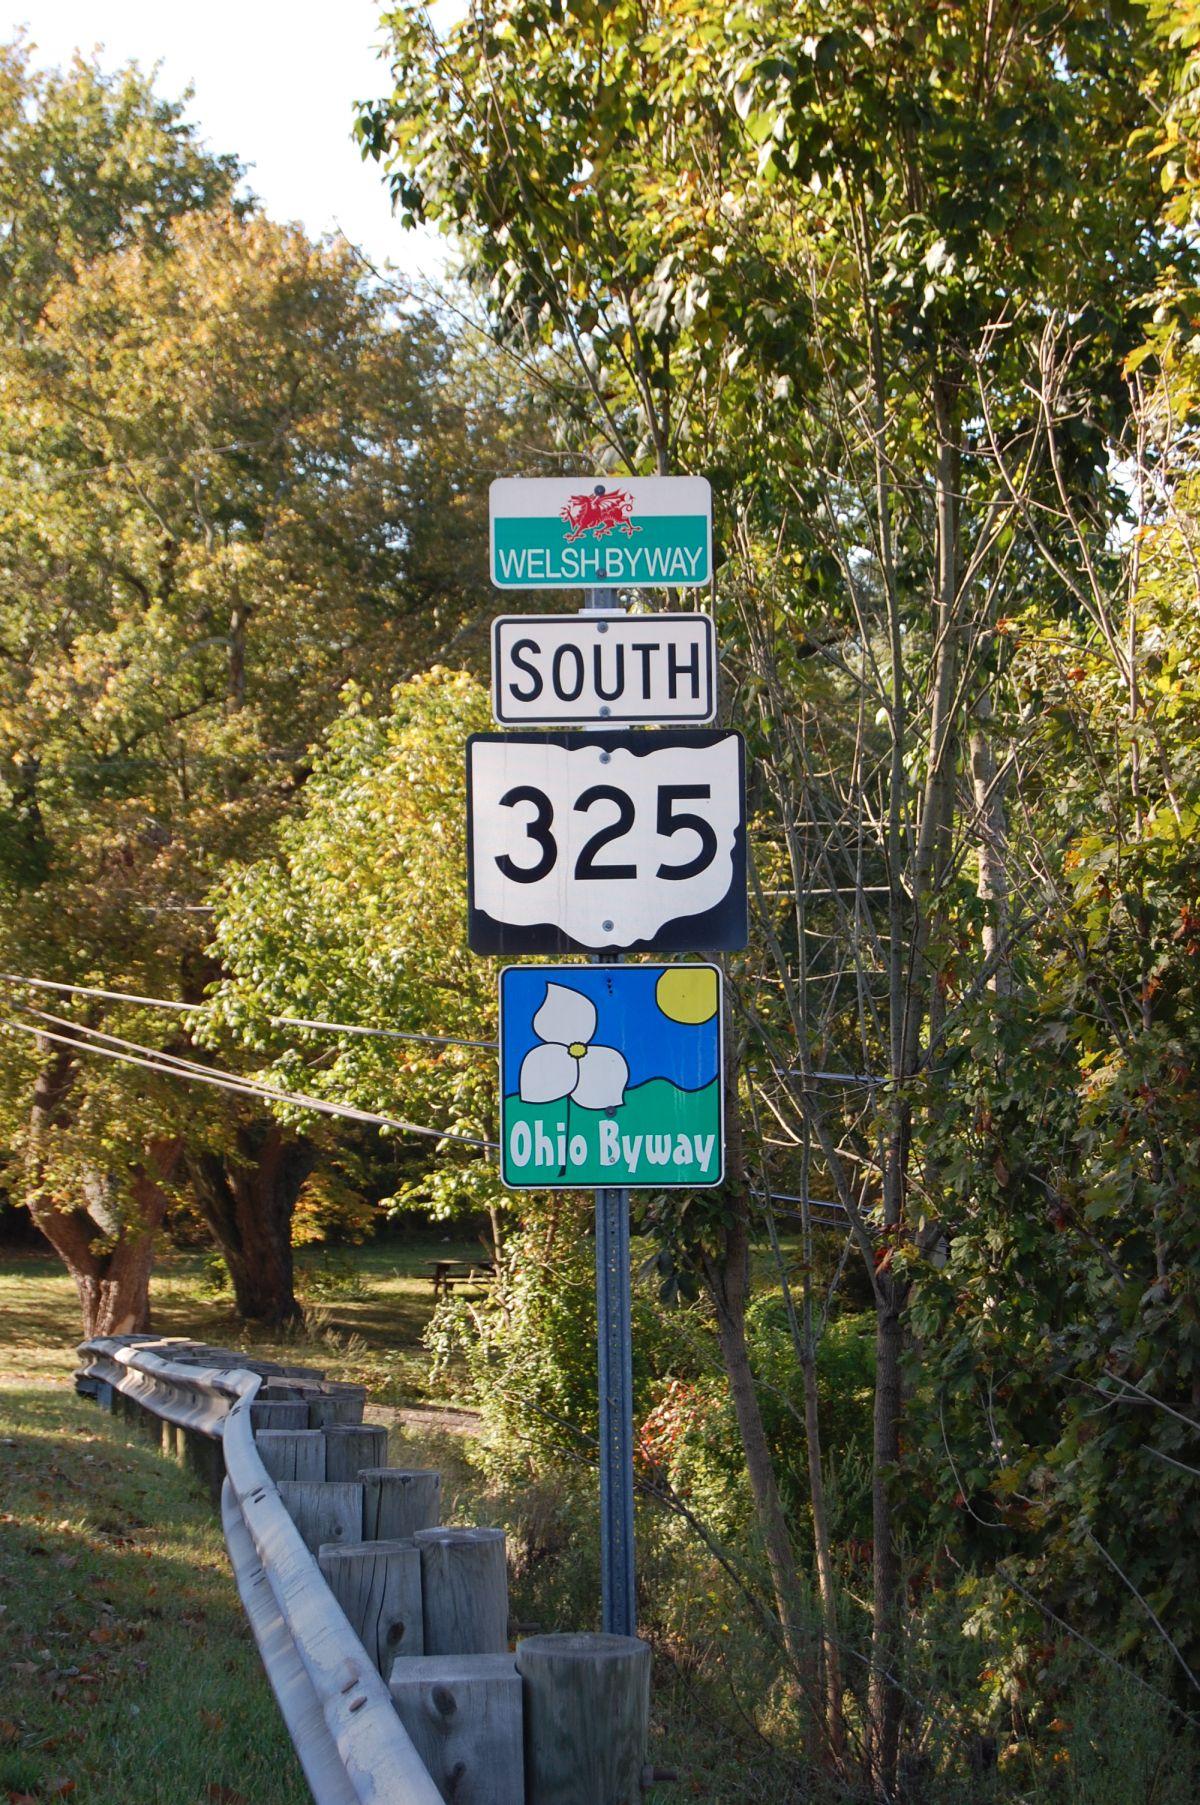 Welsh Byway de ddwyrain Ohio / Welsh Byway southeast Ohio